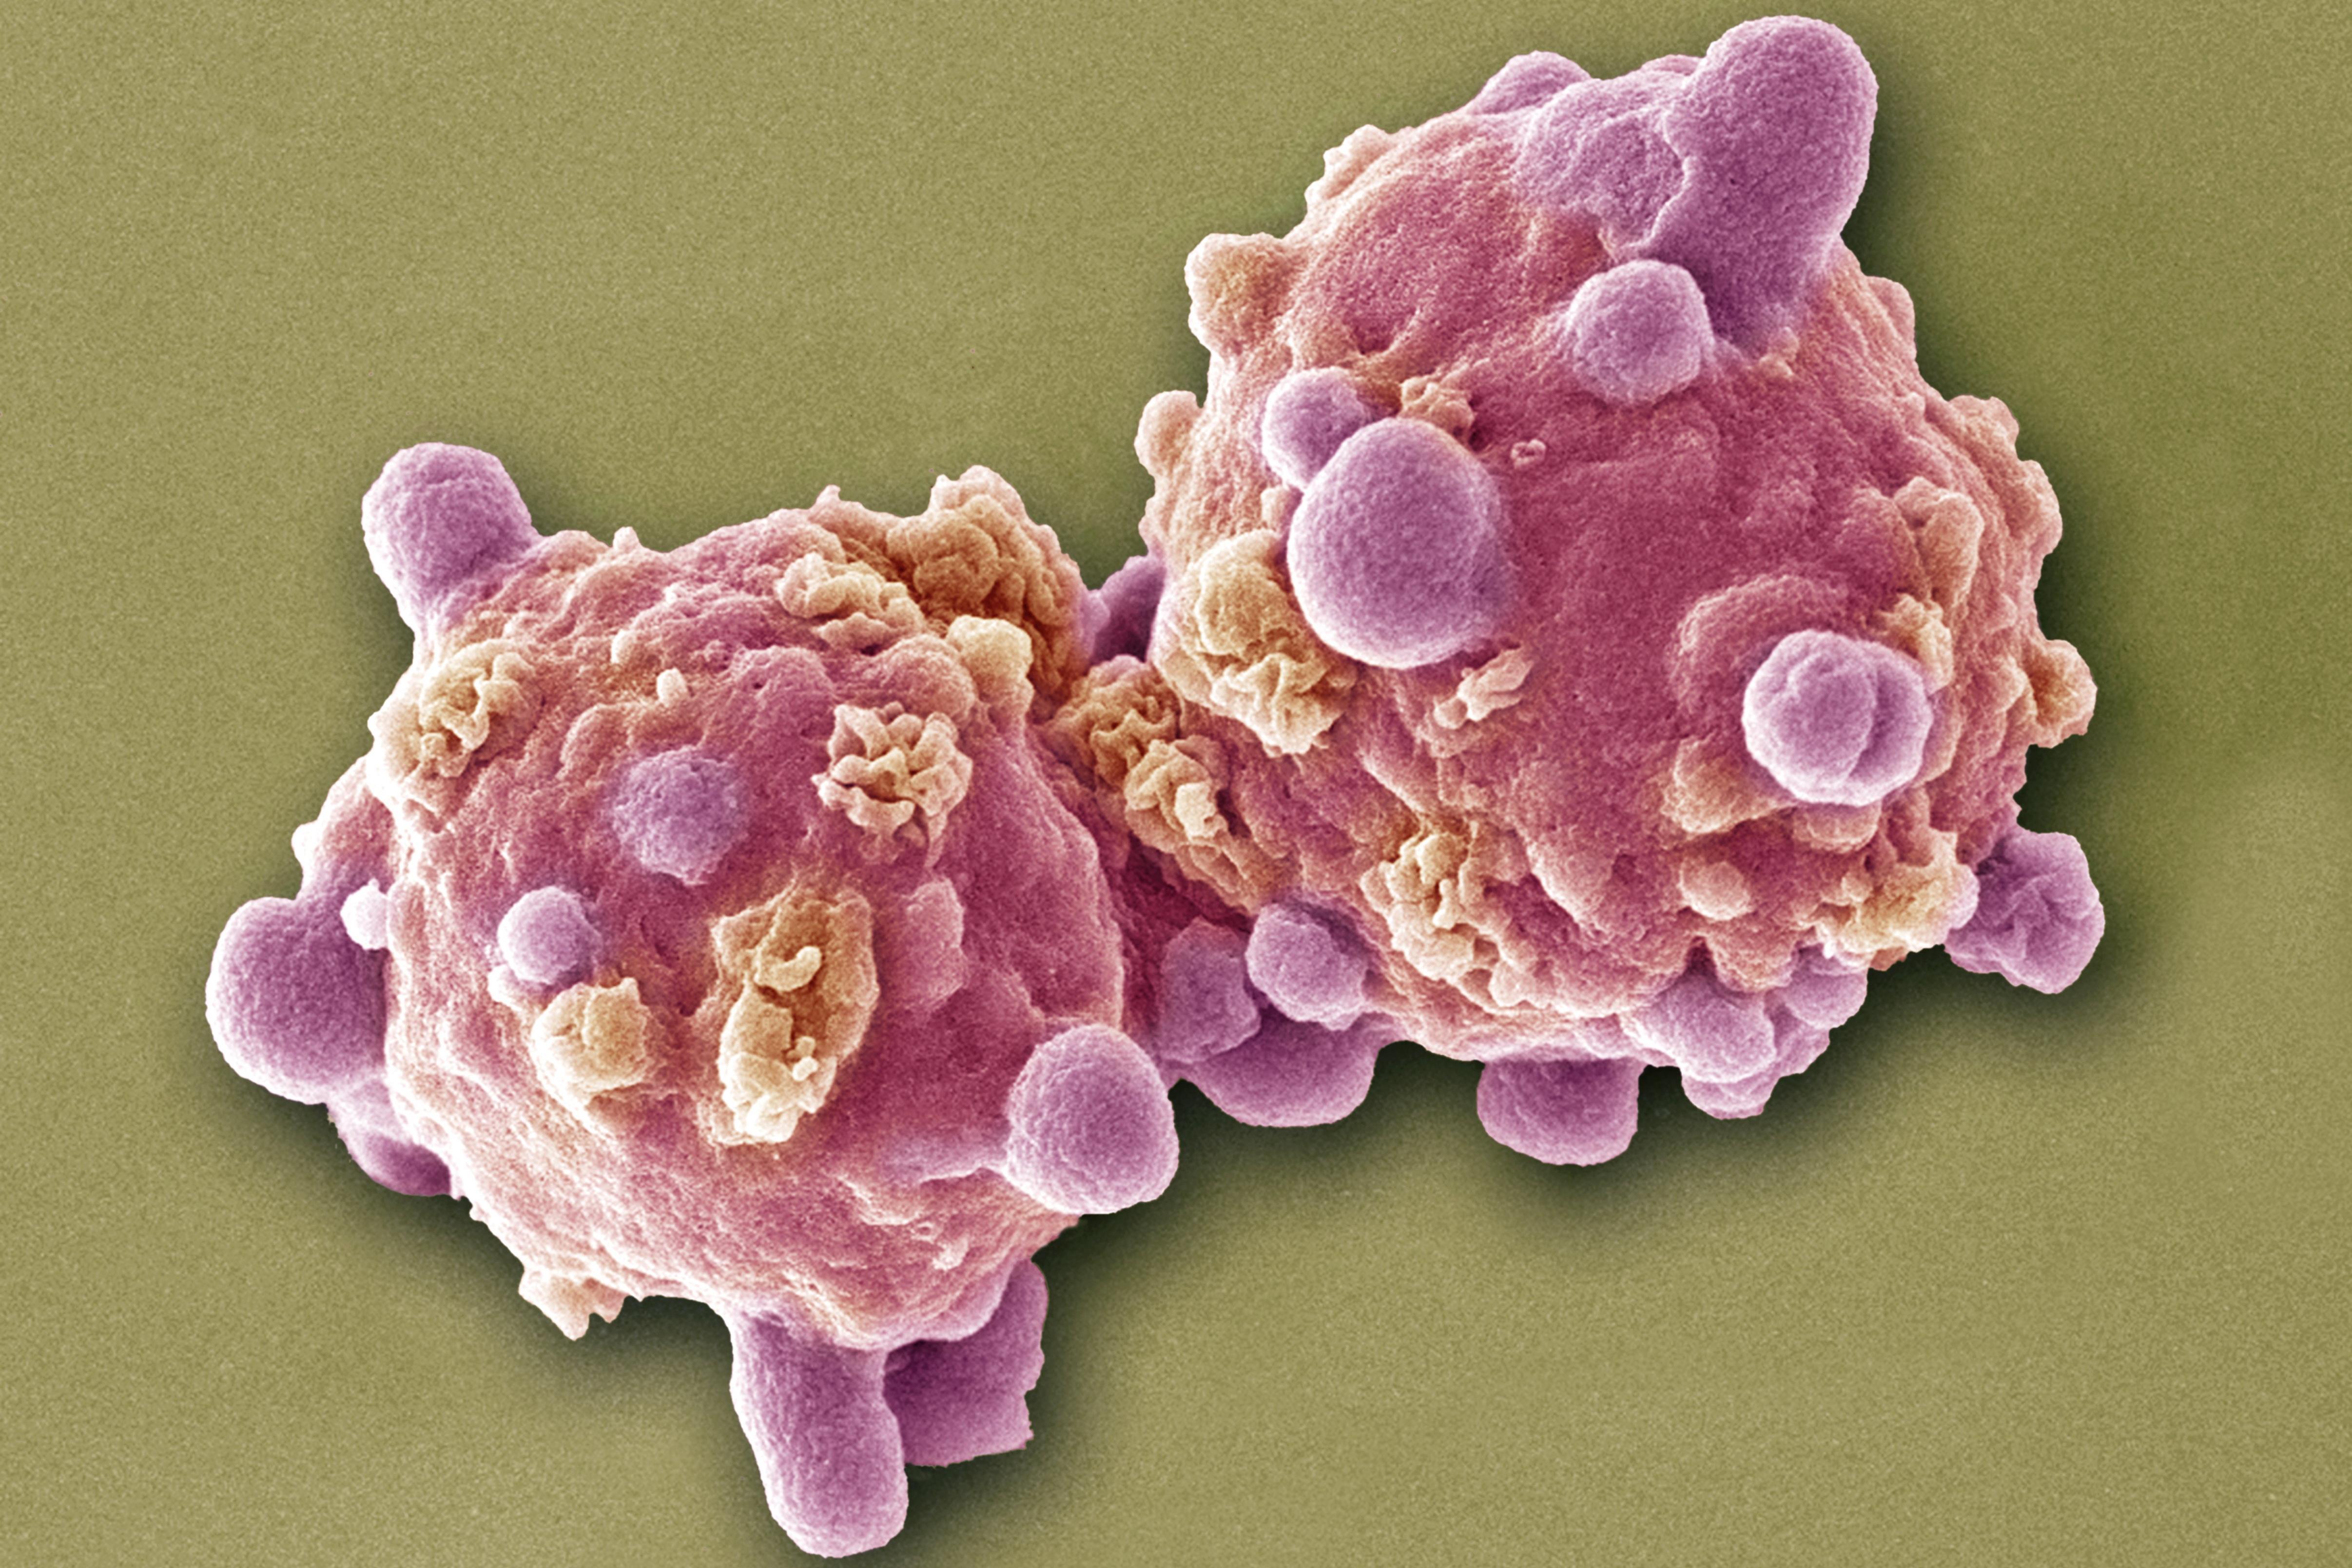 mit jelent a parazita a gazdaszervezetek alkalmazkodása a parazitákhoz